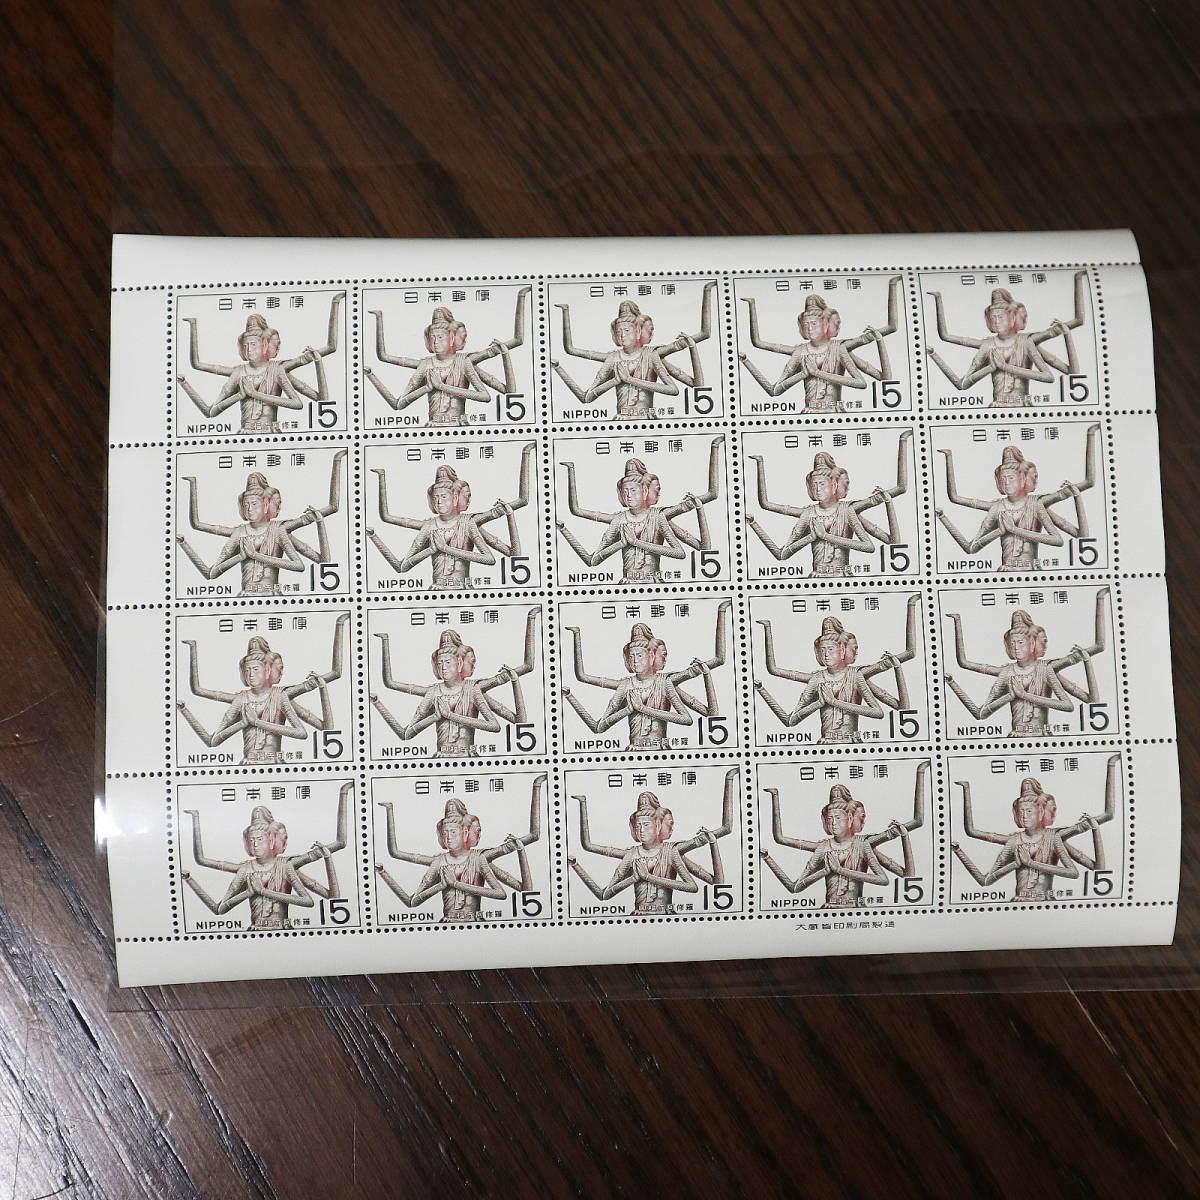 切手 未使用 第1次国宝シリーズ 奈良時代 興福寺阿修羅 15円シート NIPPON 昭和43年 1968年 未使用